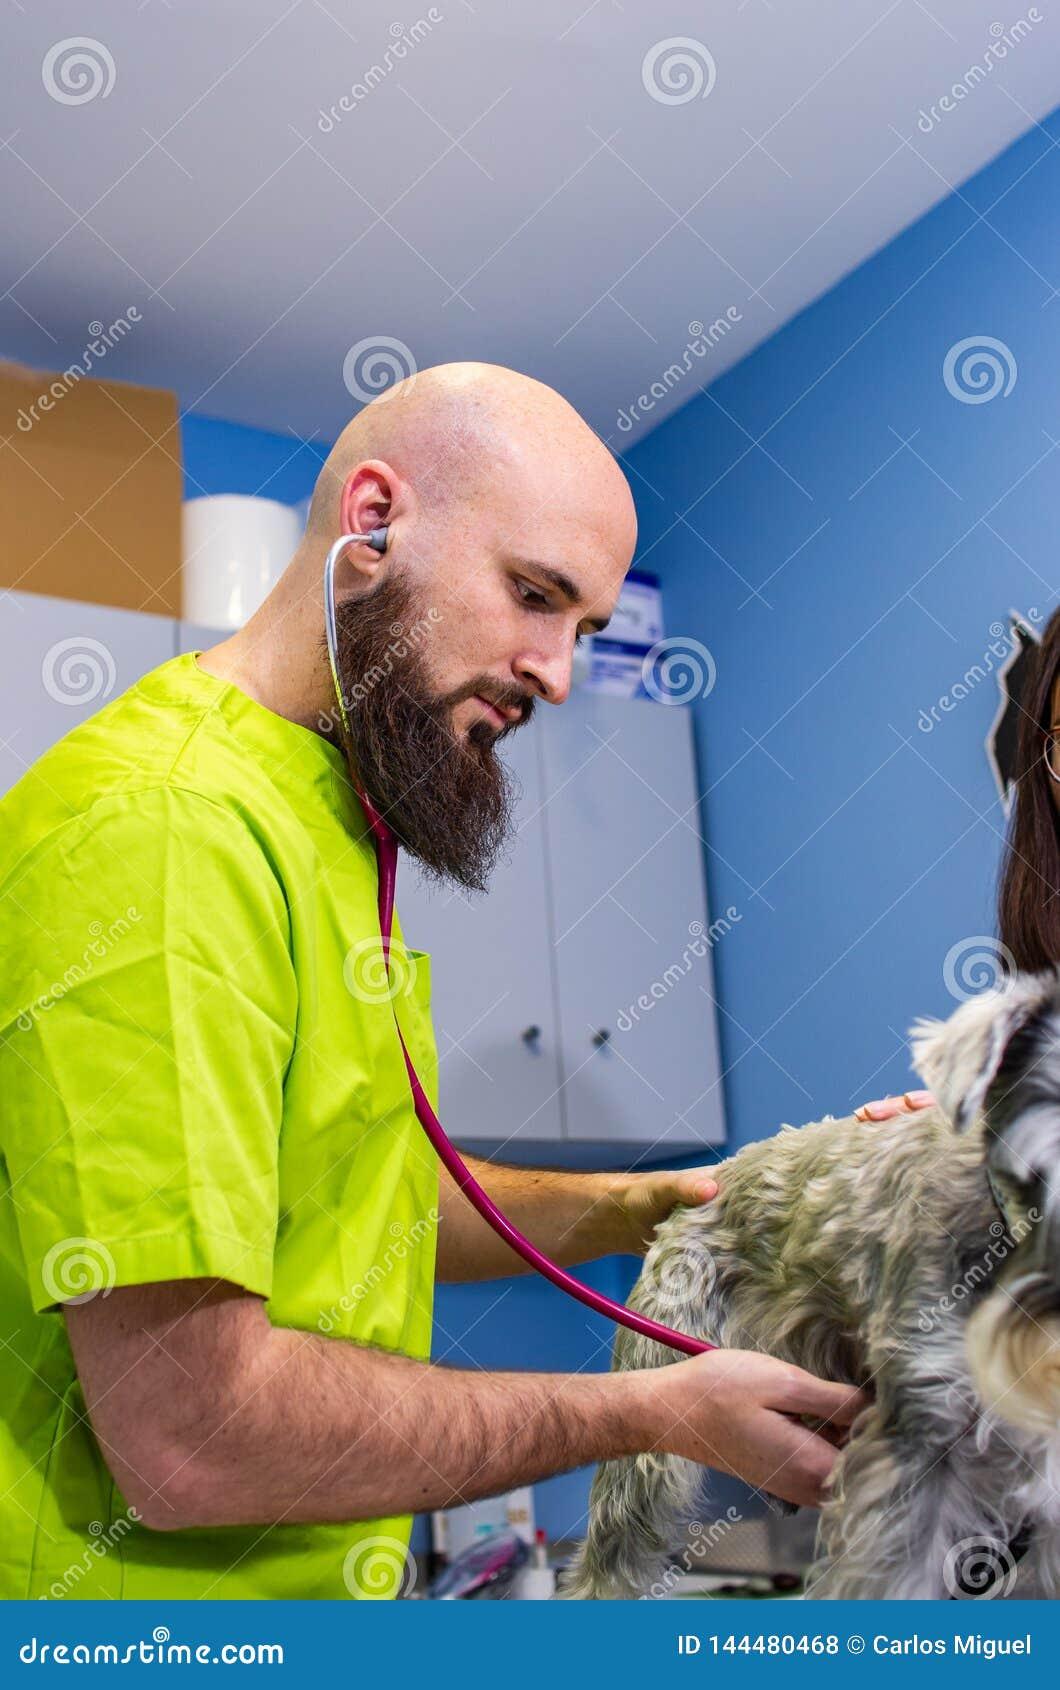 Consultazione veterinaria, veterinario che ispeziona uno schnauzer con il proprietario